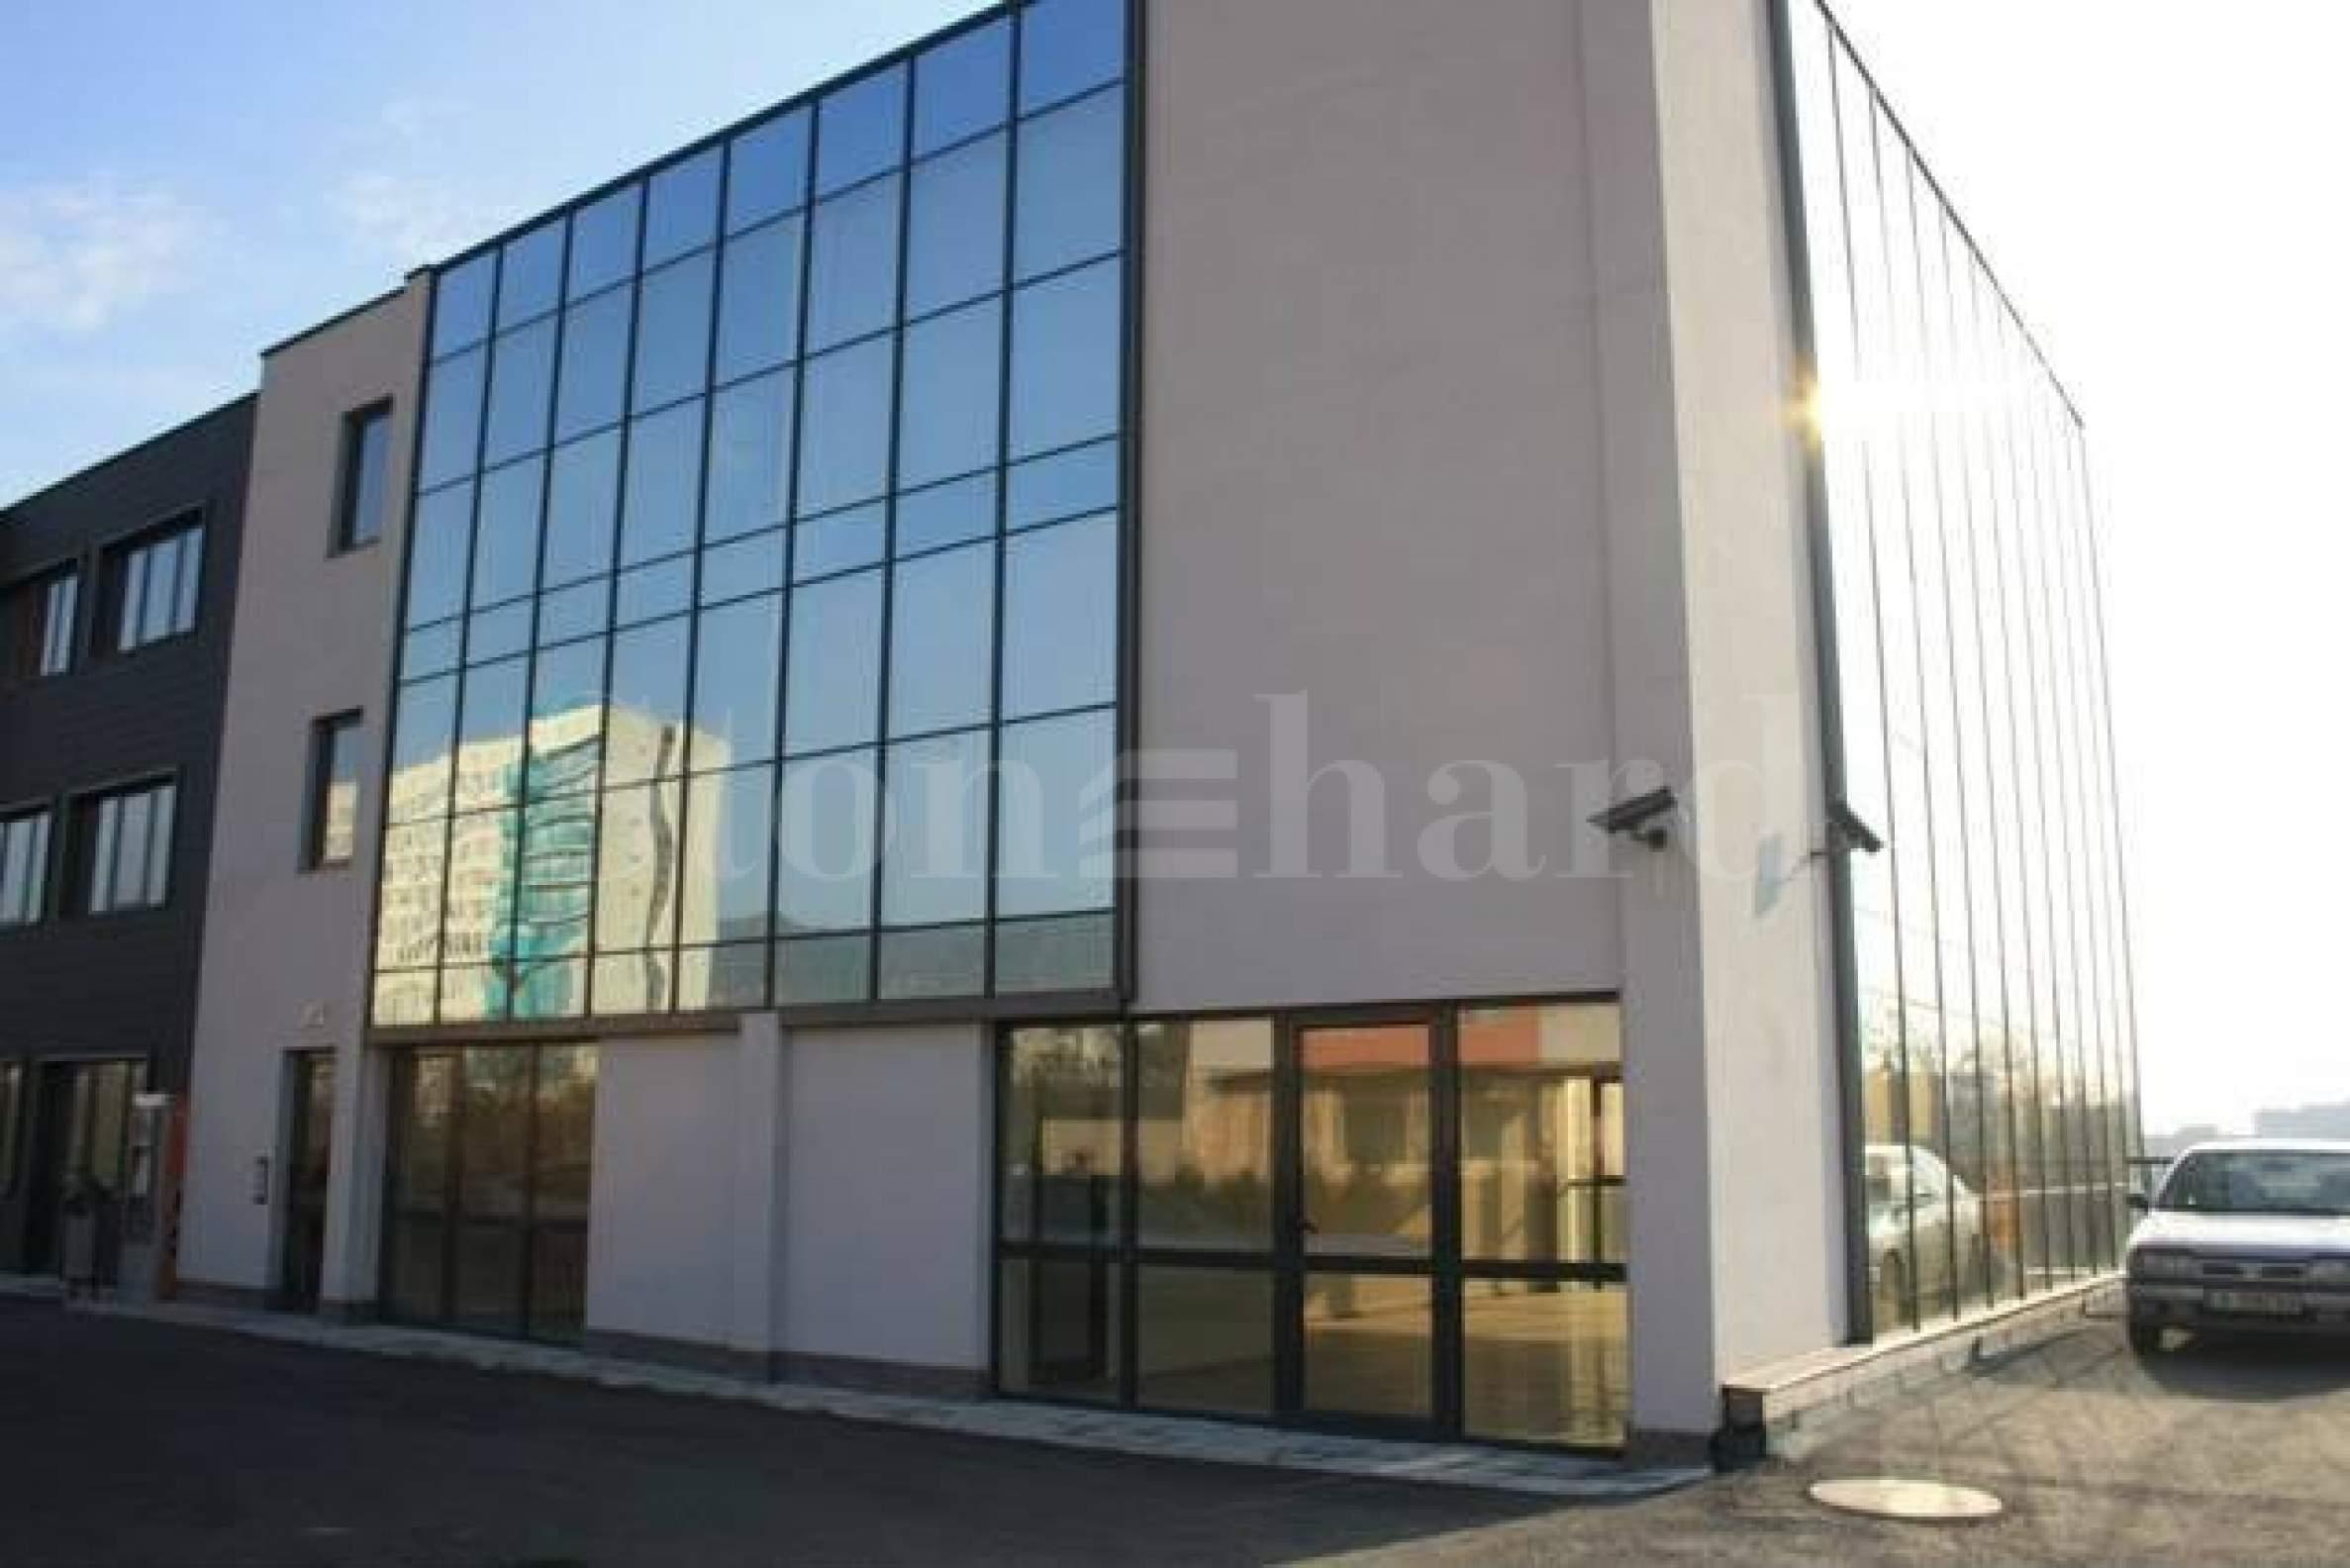 Апартаменти и офиси в построена сграда2 - Stonehard